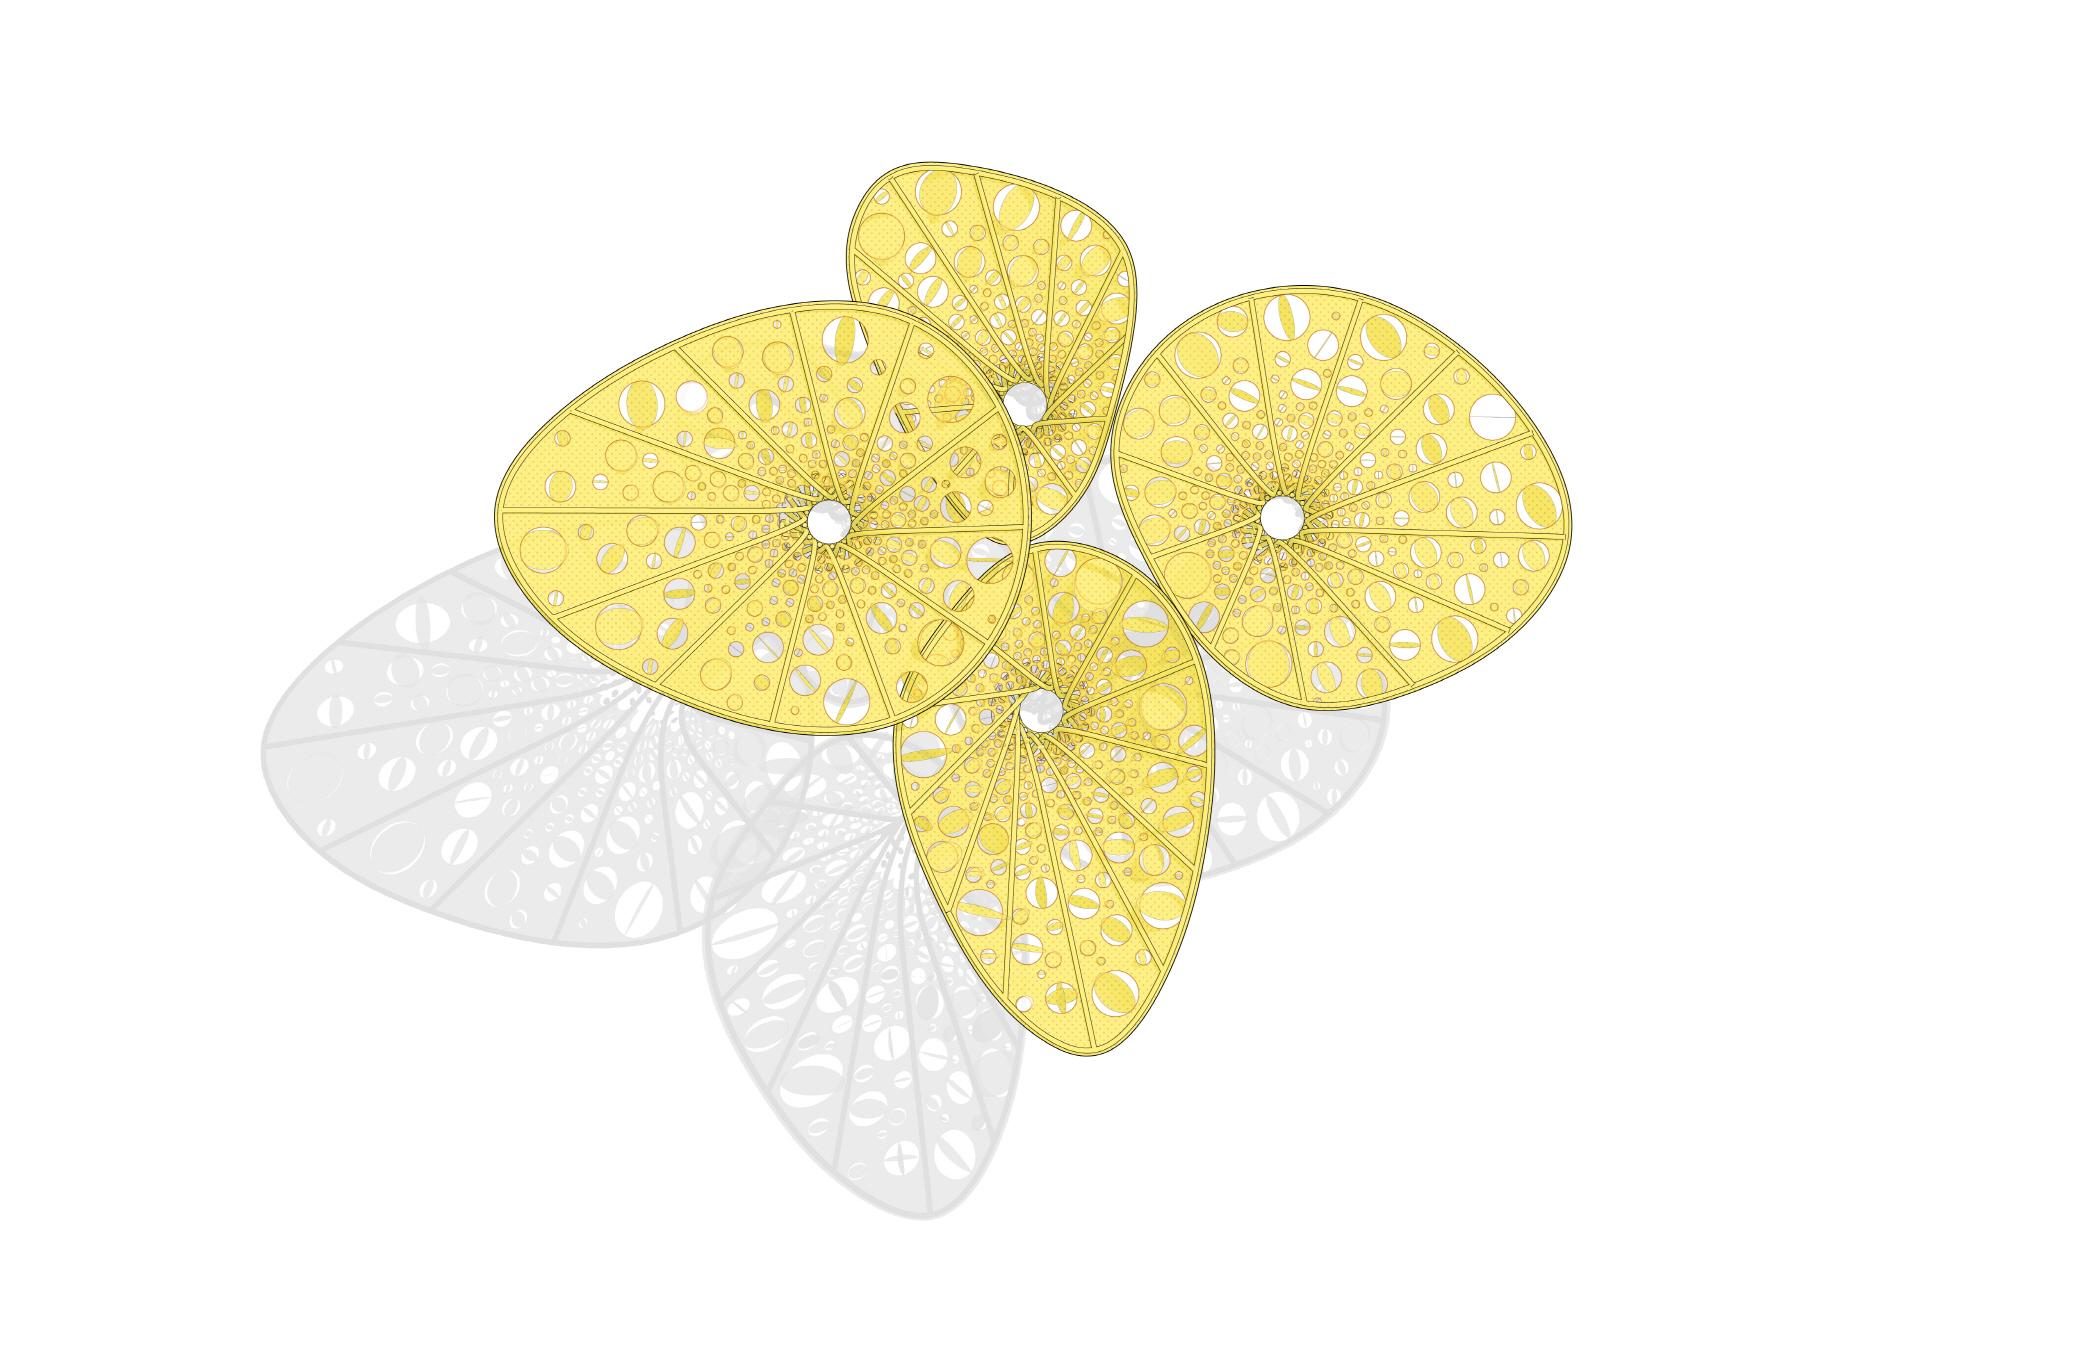 〔안정원의 건축 칼럼〕 바람에 따라 움직이는 얇은 타 공판의 노랑색 조형물 3